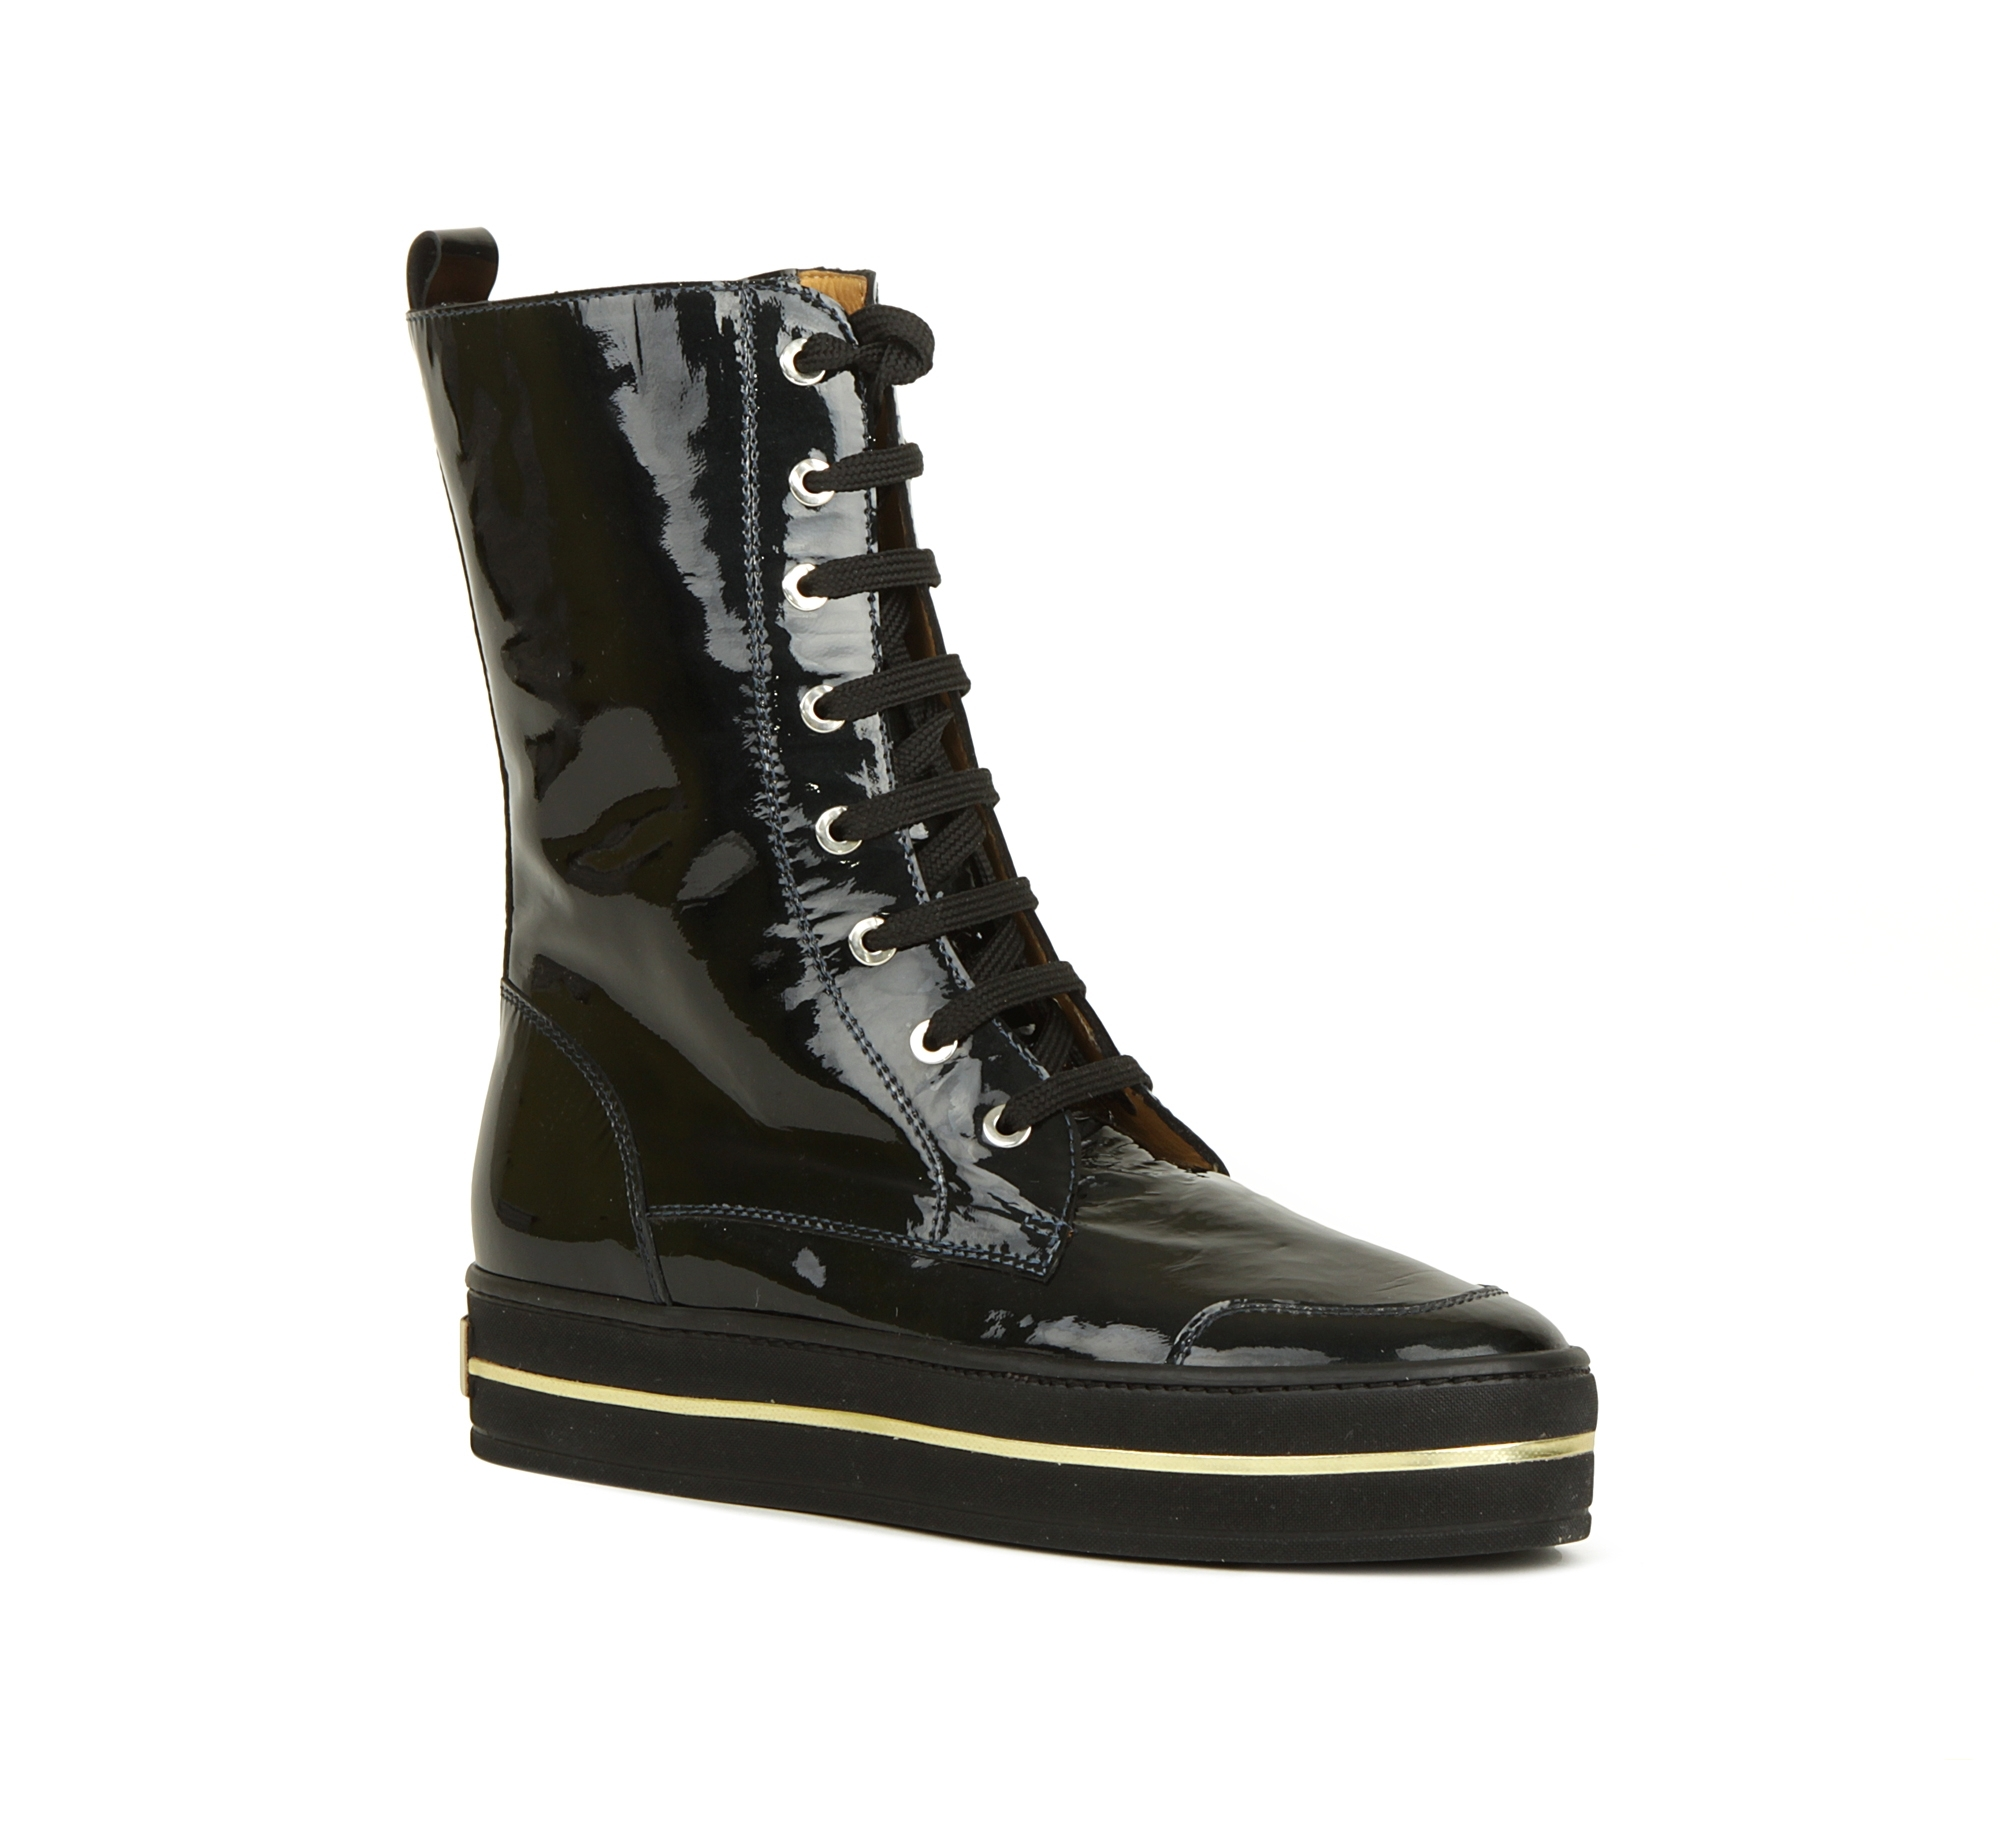 406220cfd Лаковые женские ботинки на высокой шнуровке Giemme F2722. молодежная ...